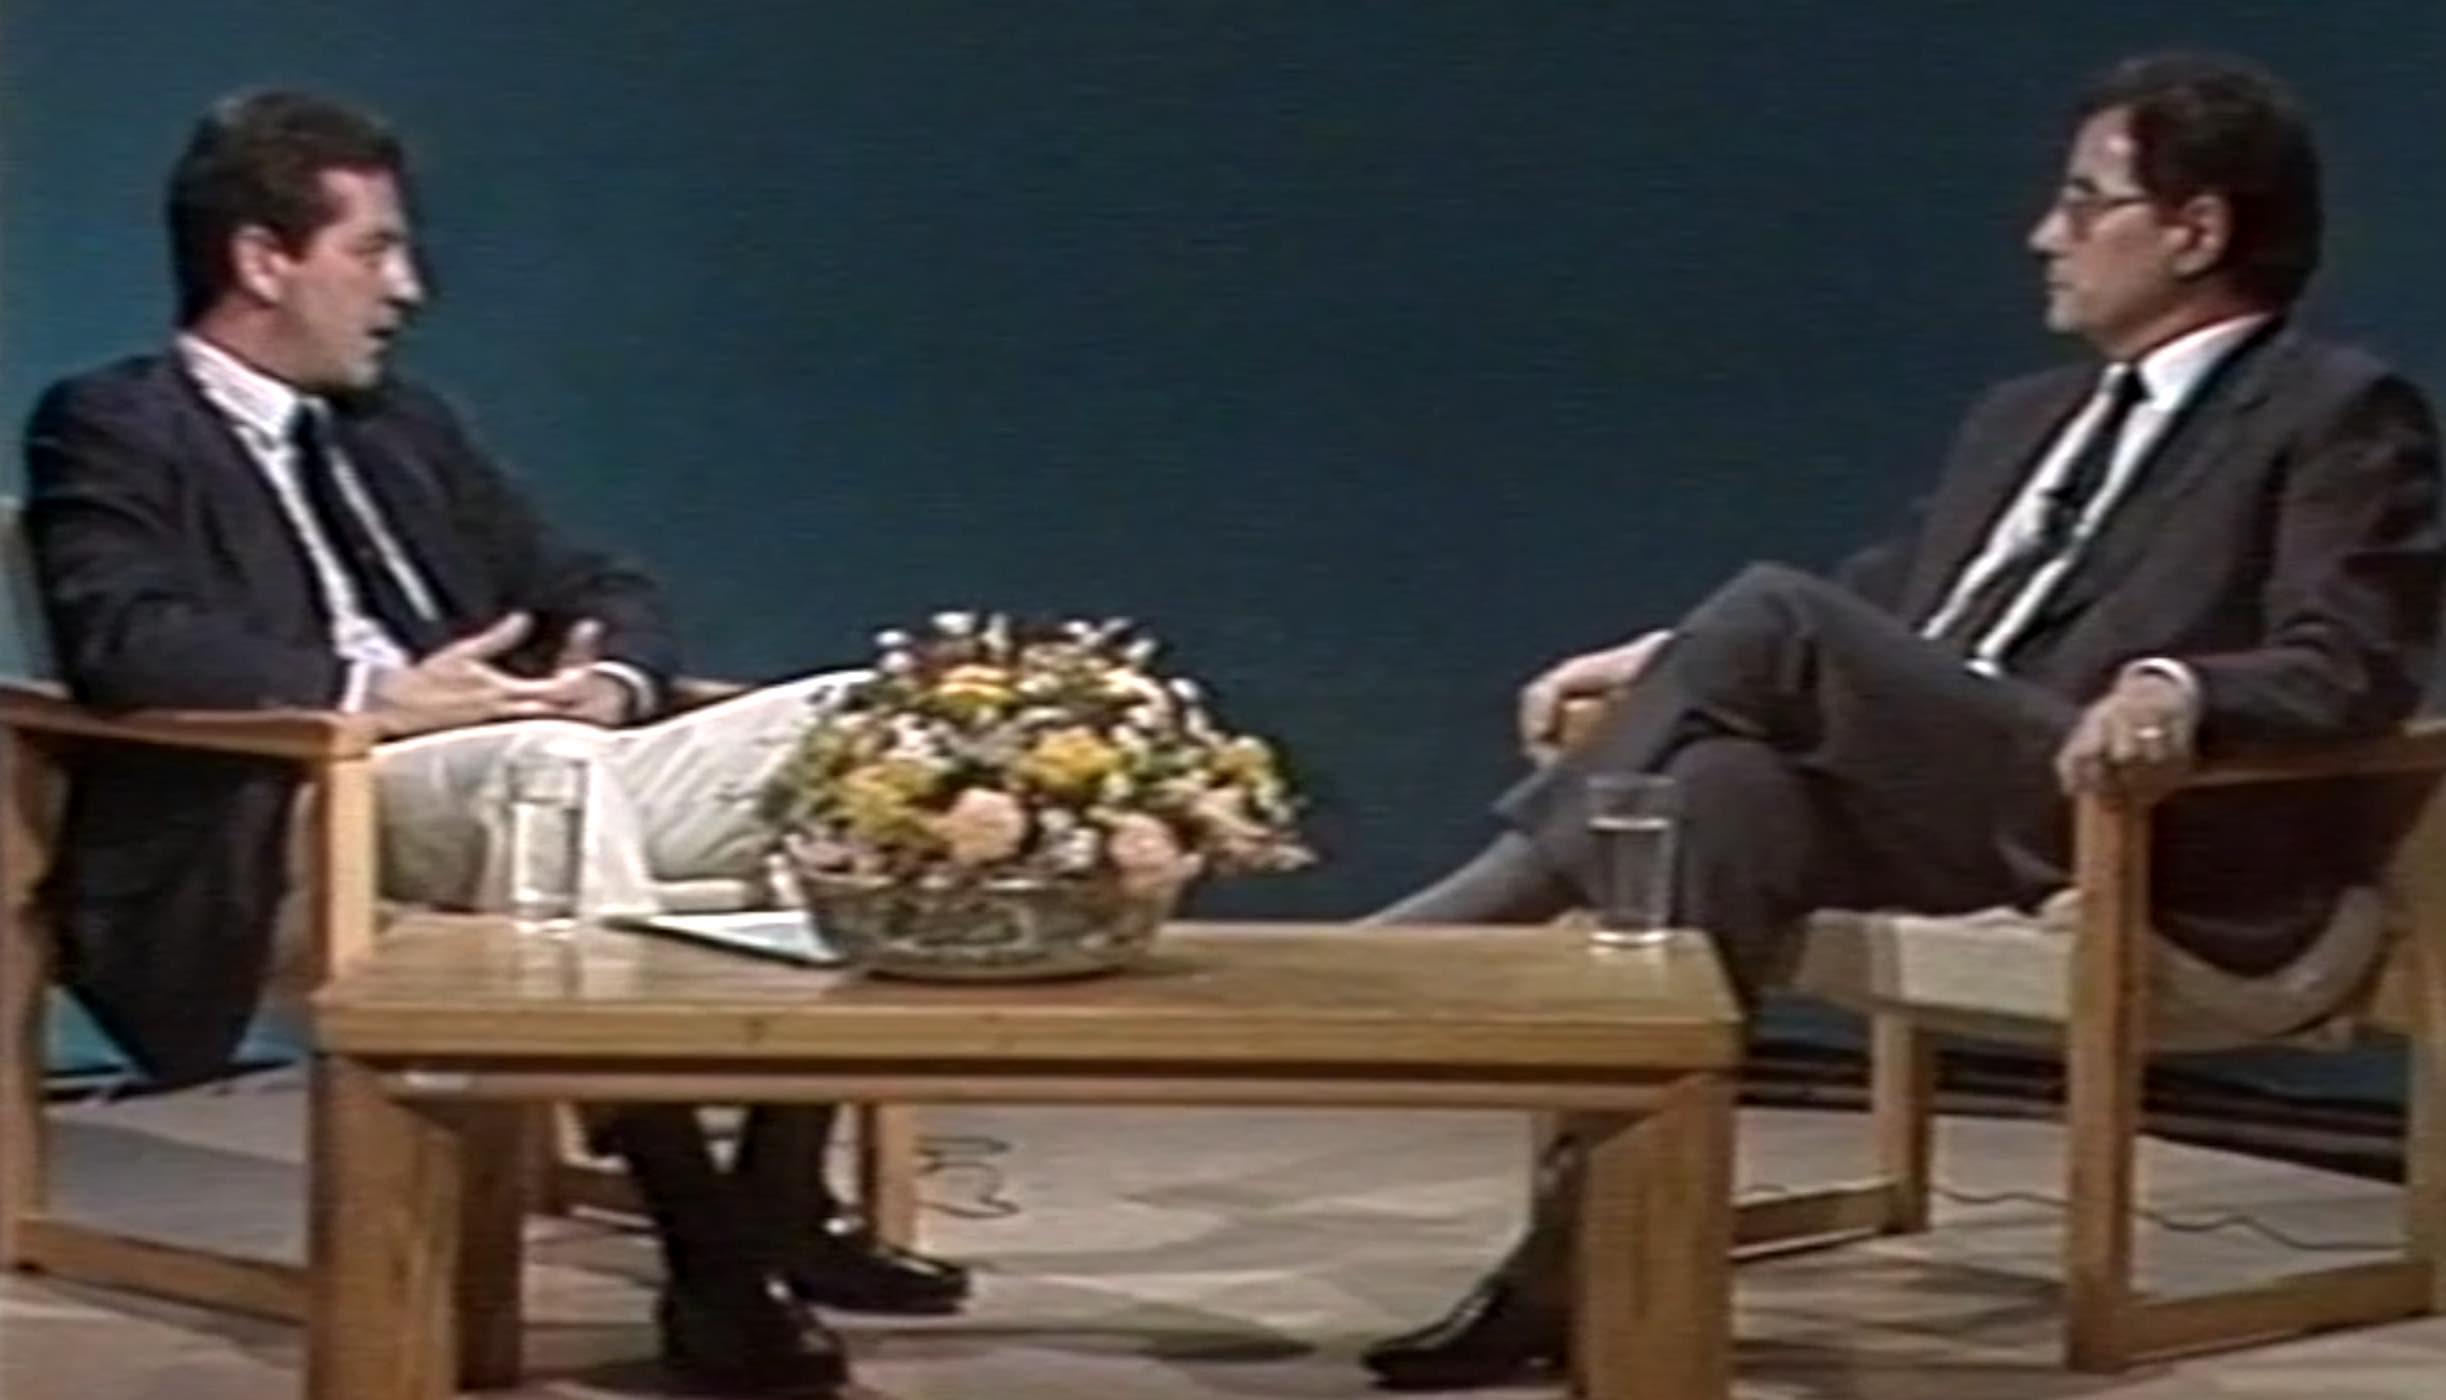 Entrevista a Guillermo García Alcalde realizada por Gonzalo Alonso